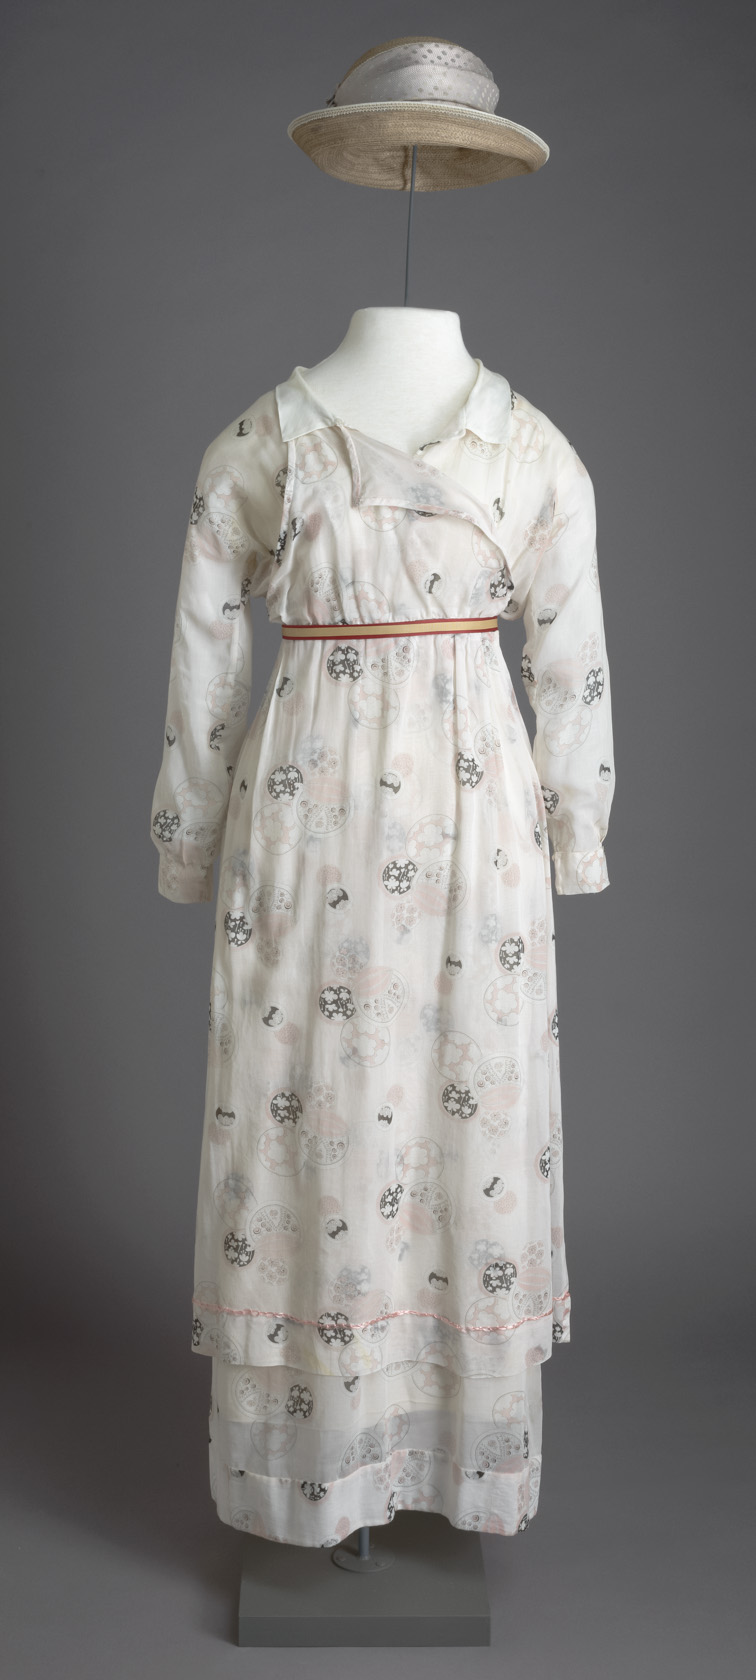 Lady Sybil's dress